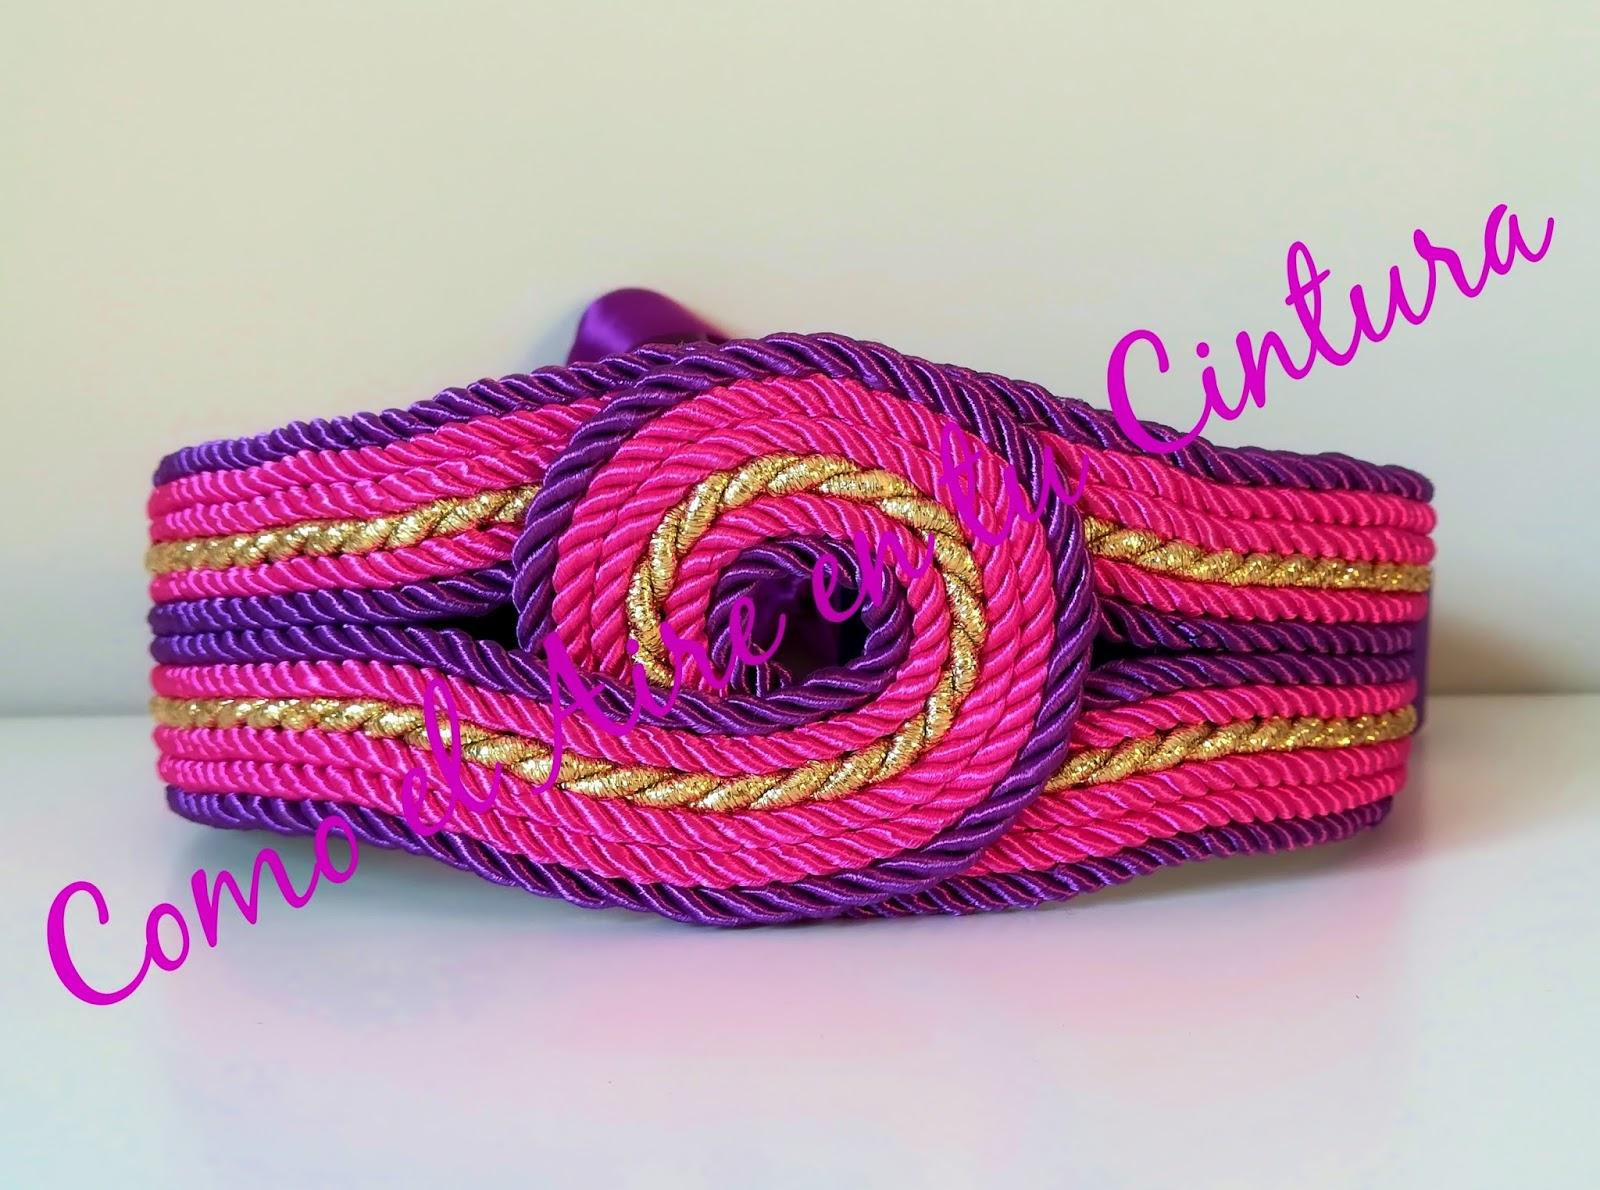 diseño popular renombre mundial oferta especial Mis cinturones de fiesta y bolsos 100% artesanales